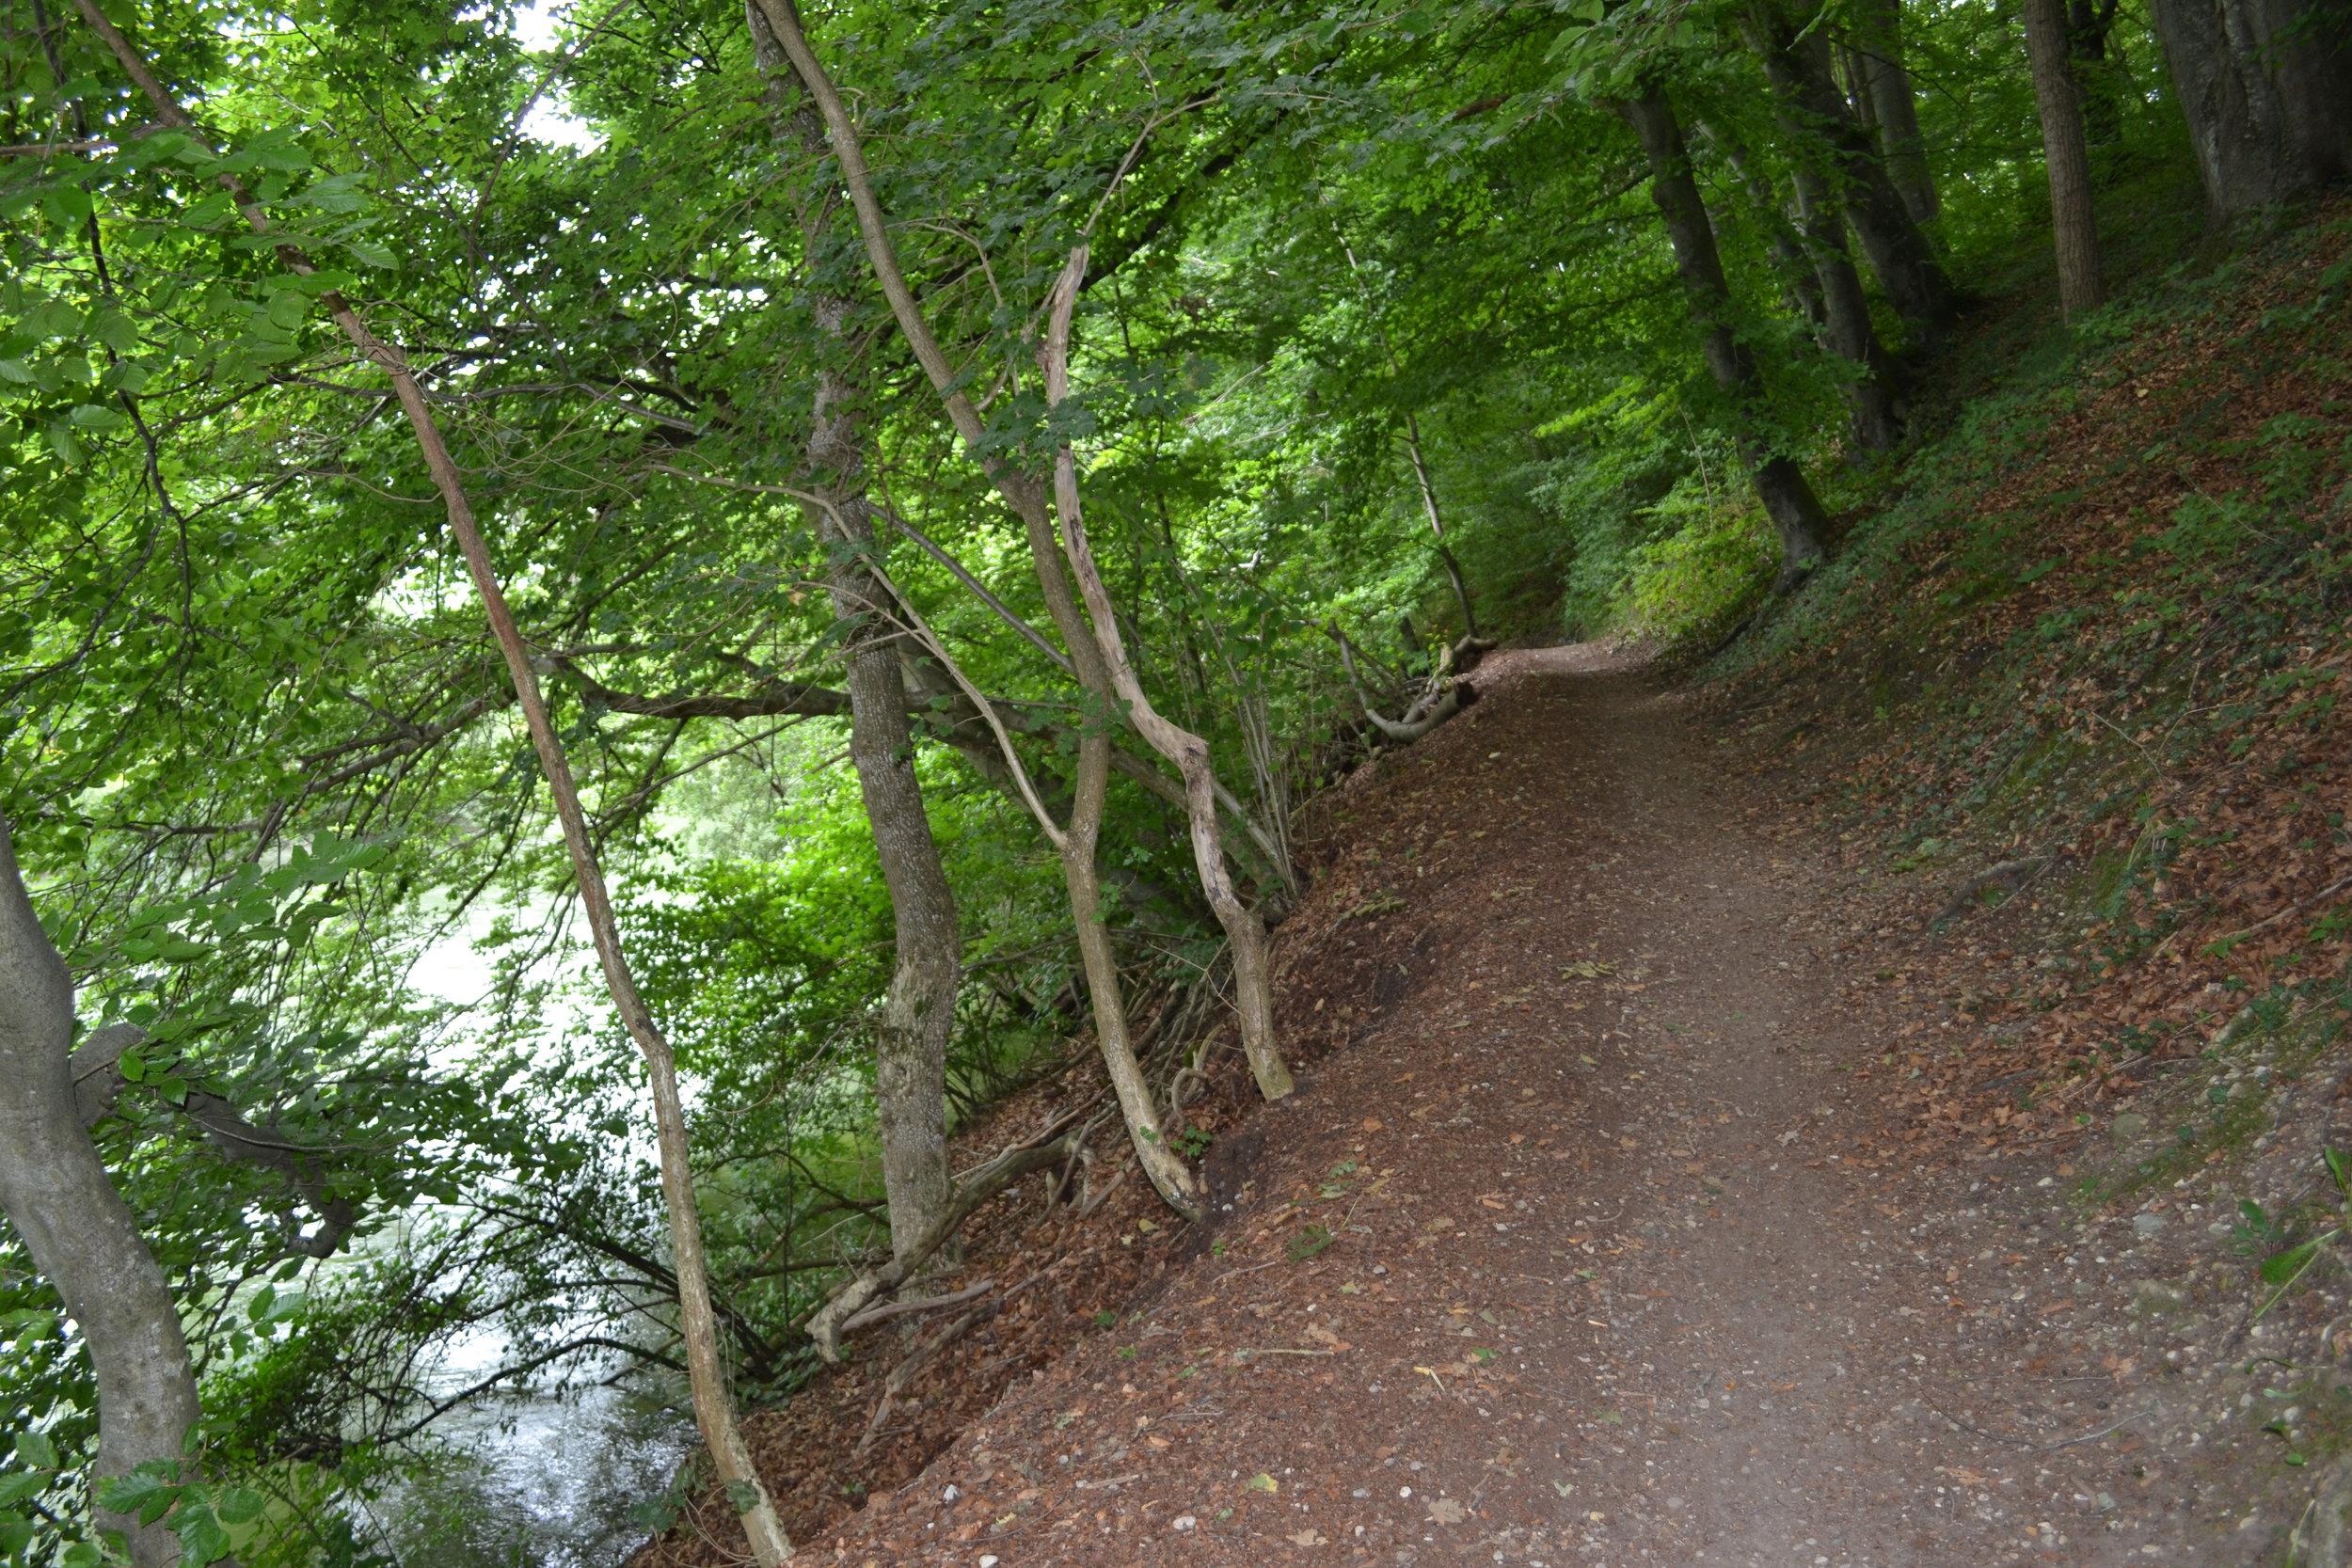 Sehr abwechslungsreich ist der Weg auch auf der anderen Uferseite.